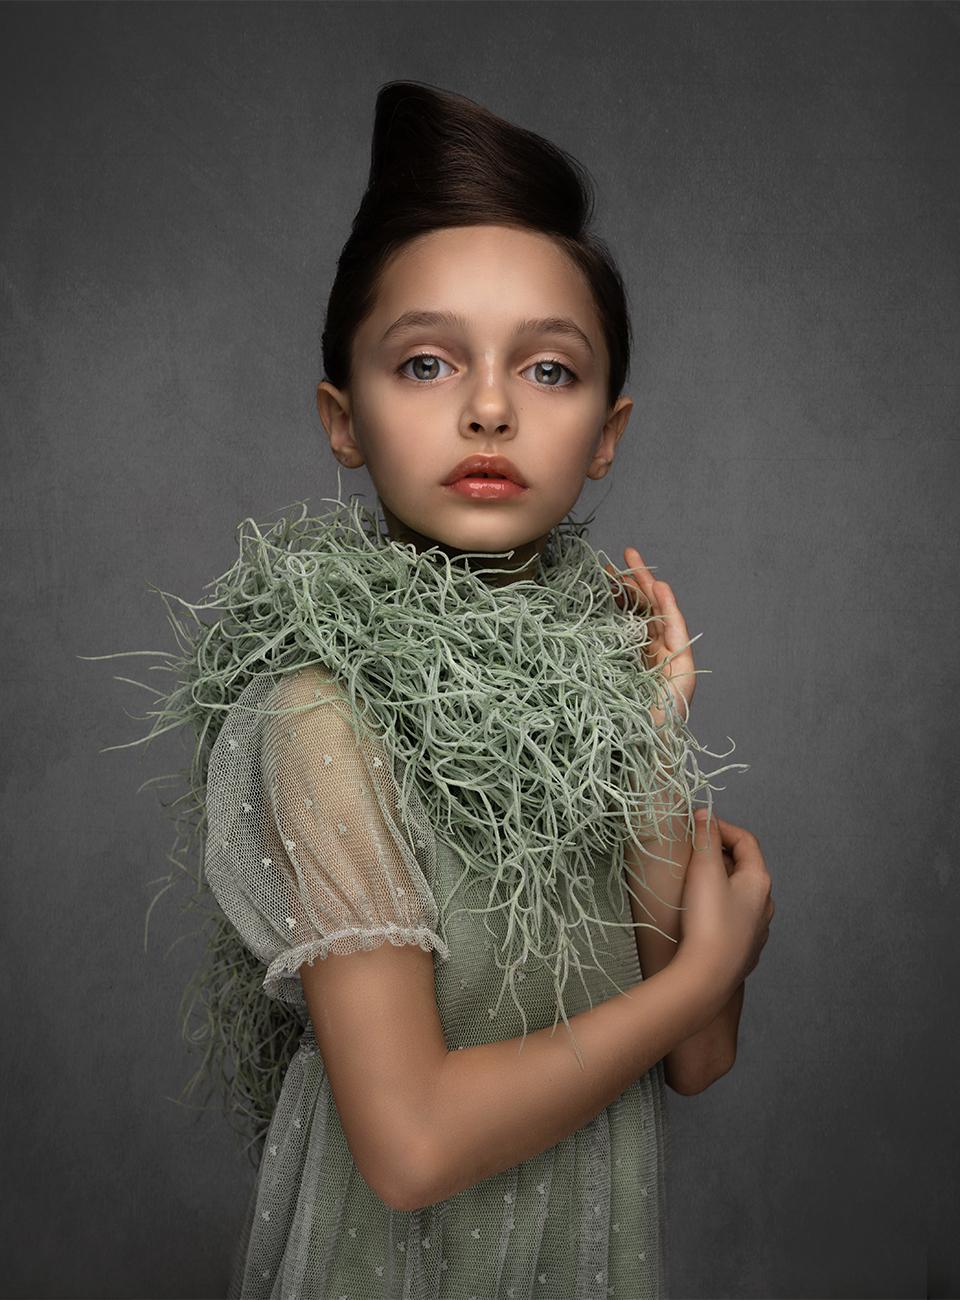 Fotografo bambini Vicenza Valeria Lobbia